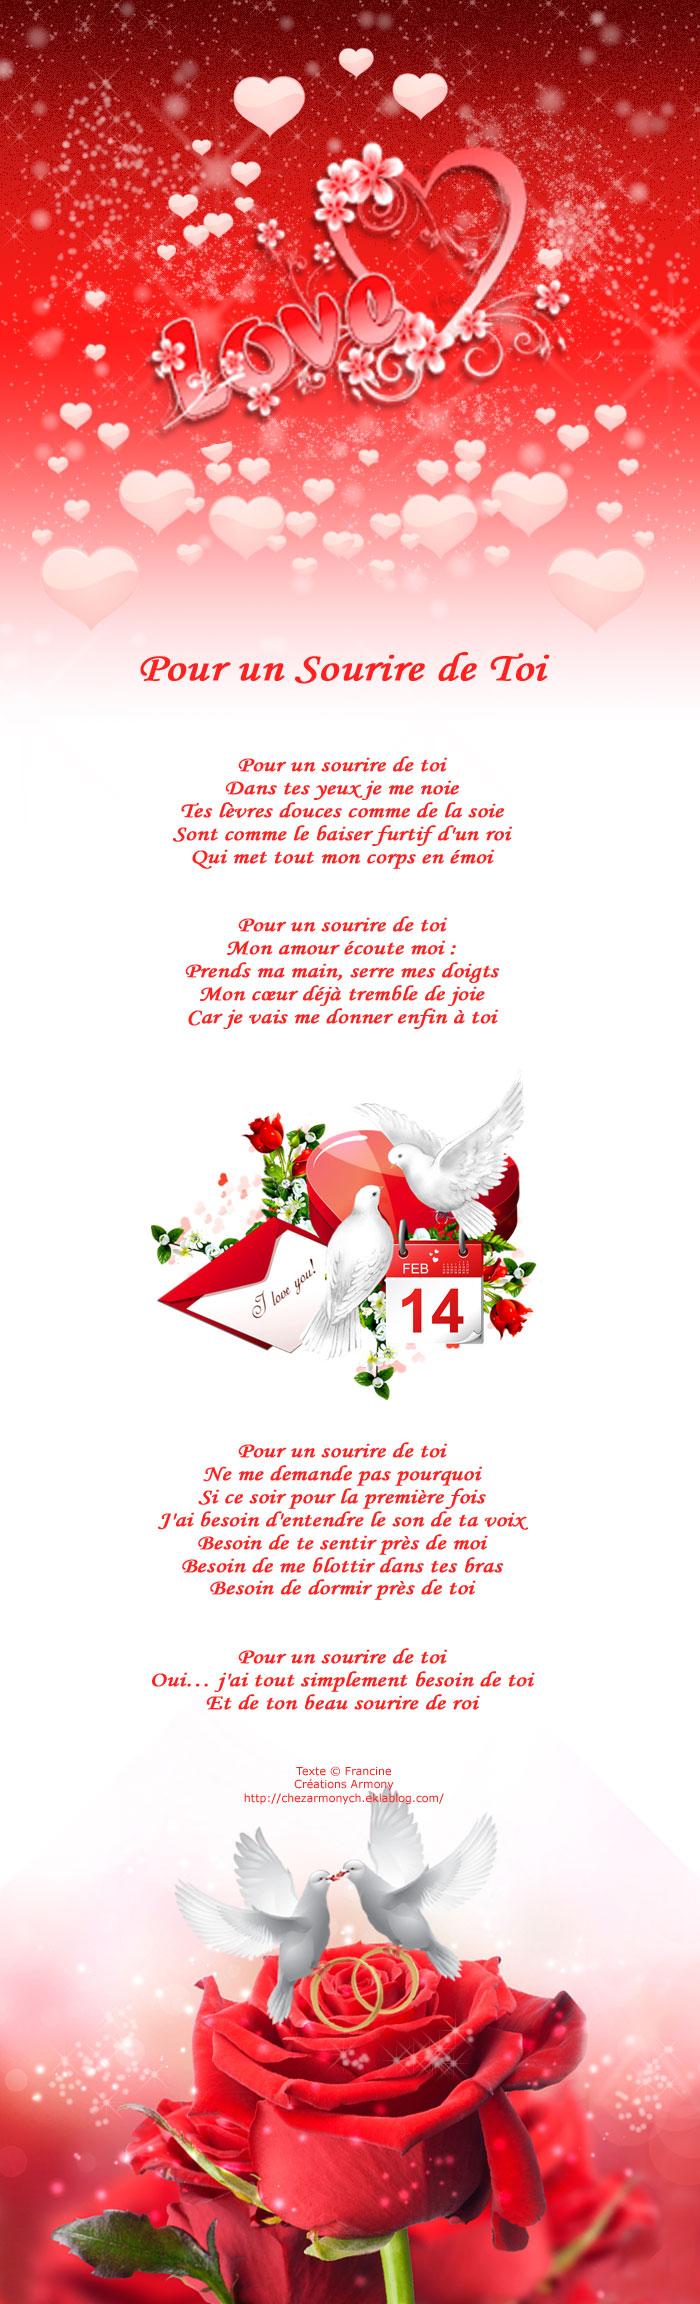 Poème st-valentin Pour un sourire de toi